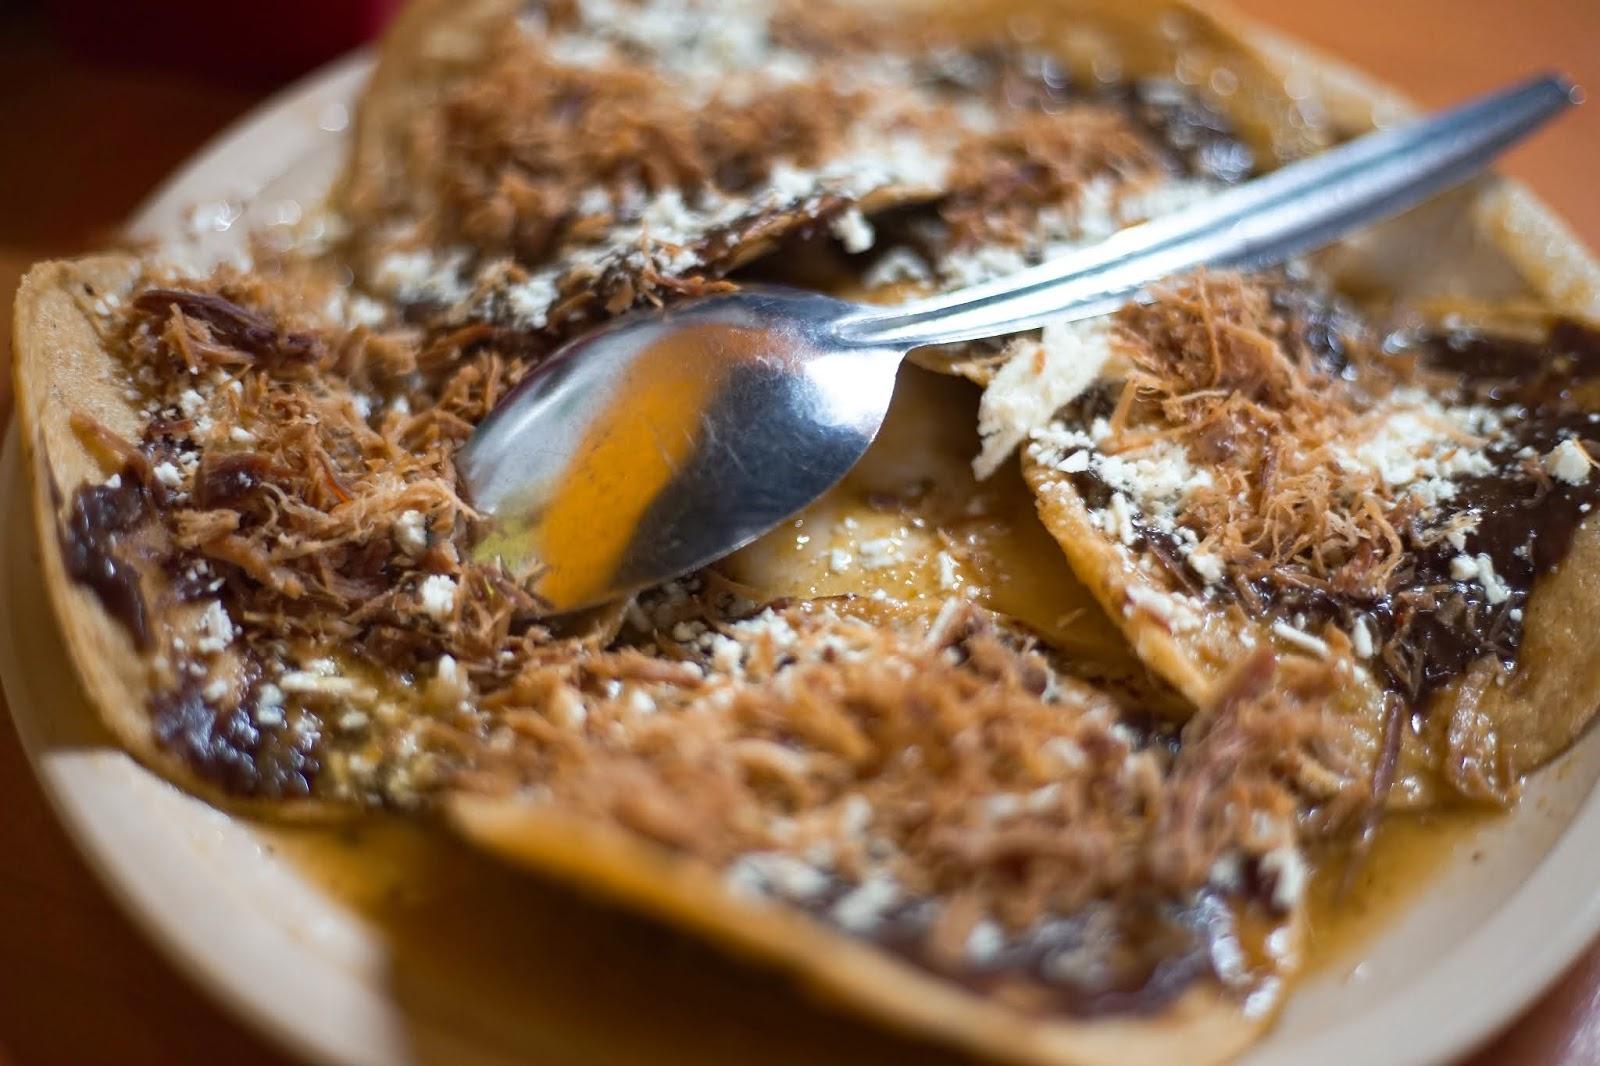 Crujientes y deliciosas: Así son las tostadas de Taquería Alba